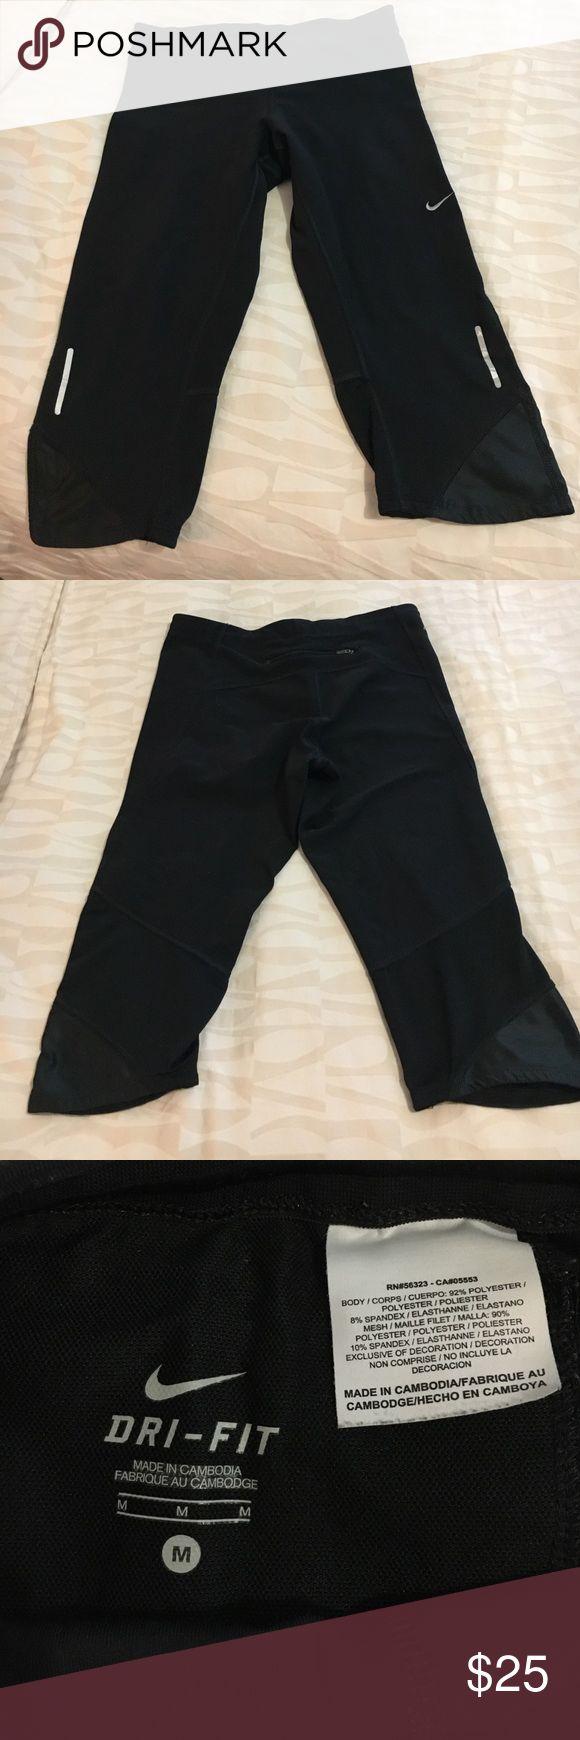 Nike dri-fit training capris Nike dri-fit training capris. Black. Good condition Nike Pants Leggings